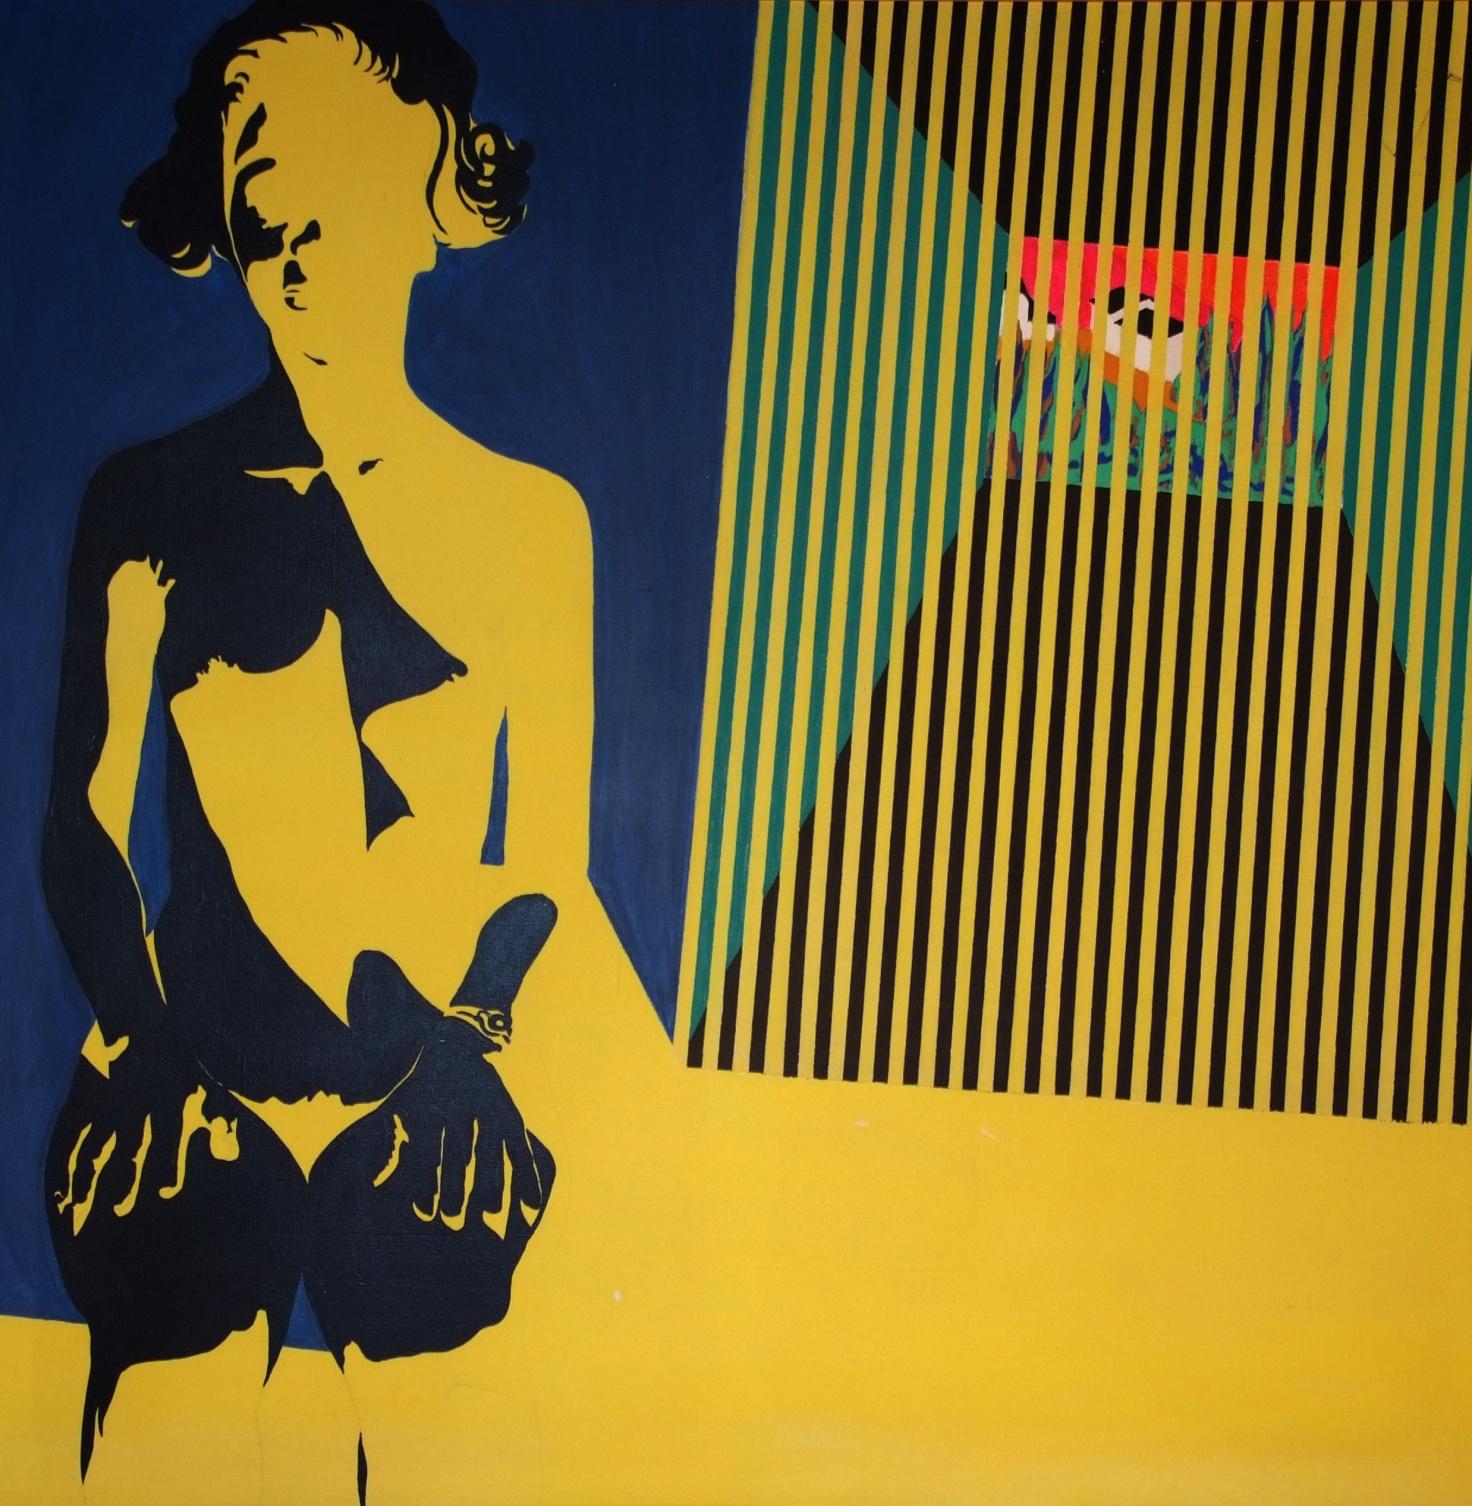 Fondazione carlo gajani secondo salone della pittura for Pittura salone